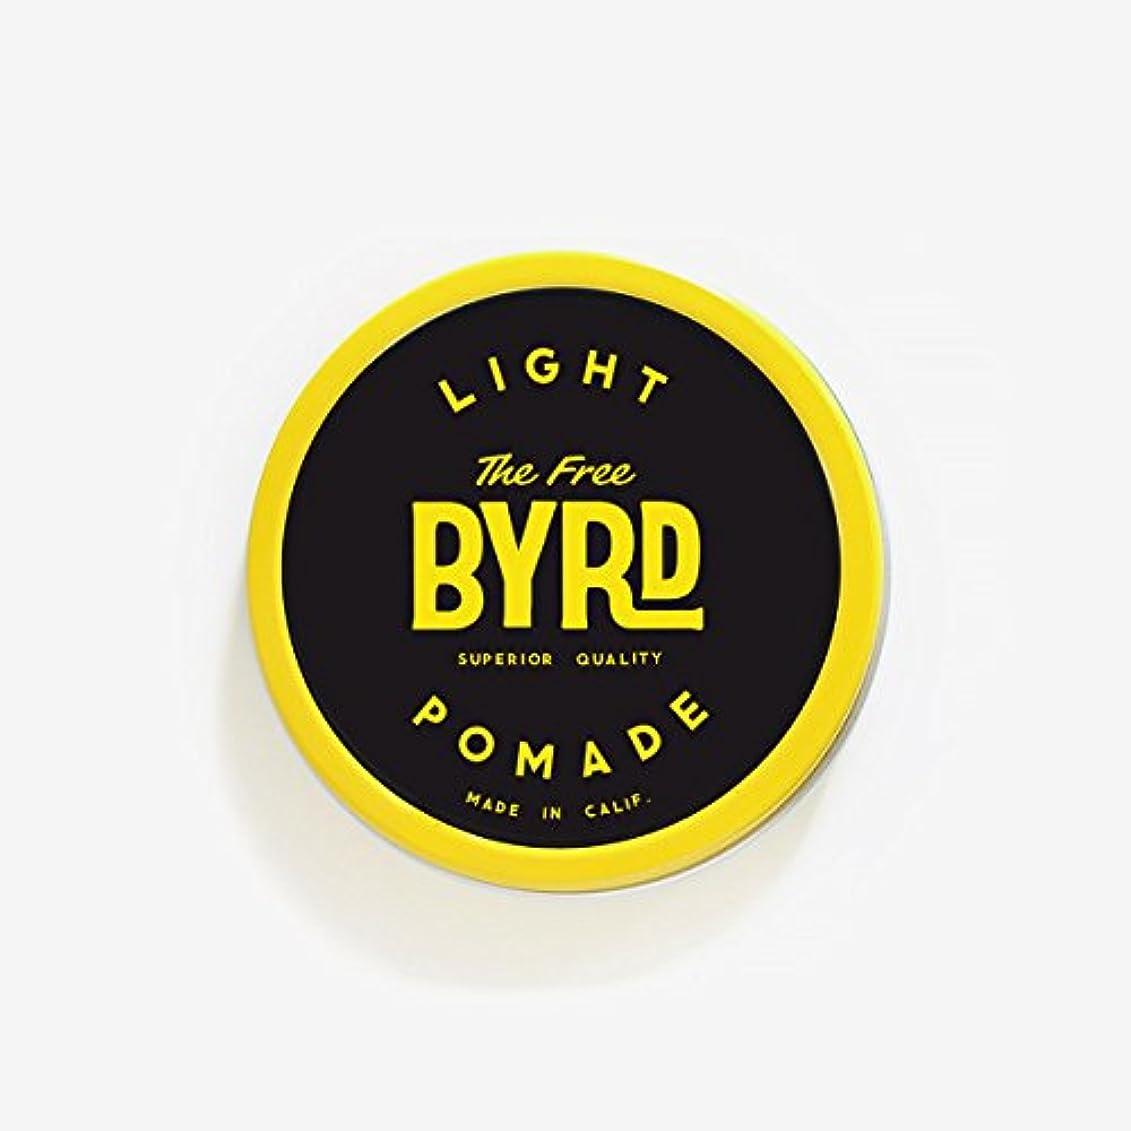 失う全国緩やかなバード(BYRD) カリフォルニア発ポマード288 LIGHT POMADE SMALL(スモールサイズ)ライトスタイルヘアワックスヘアスタイリング剤耐水性香料メンズ/レディース 【LIGHT】SMALL